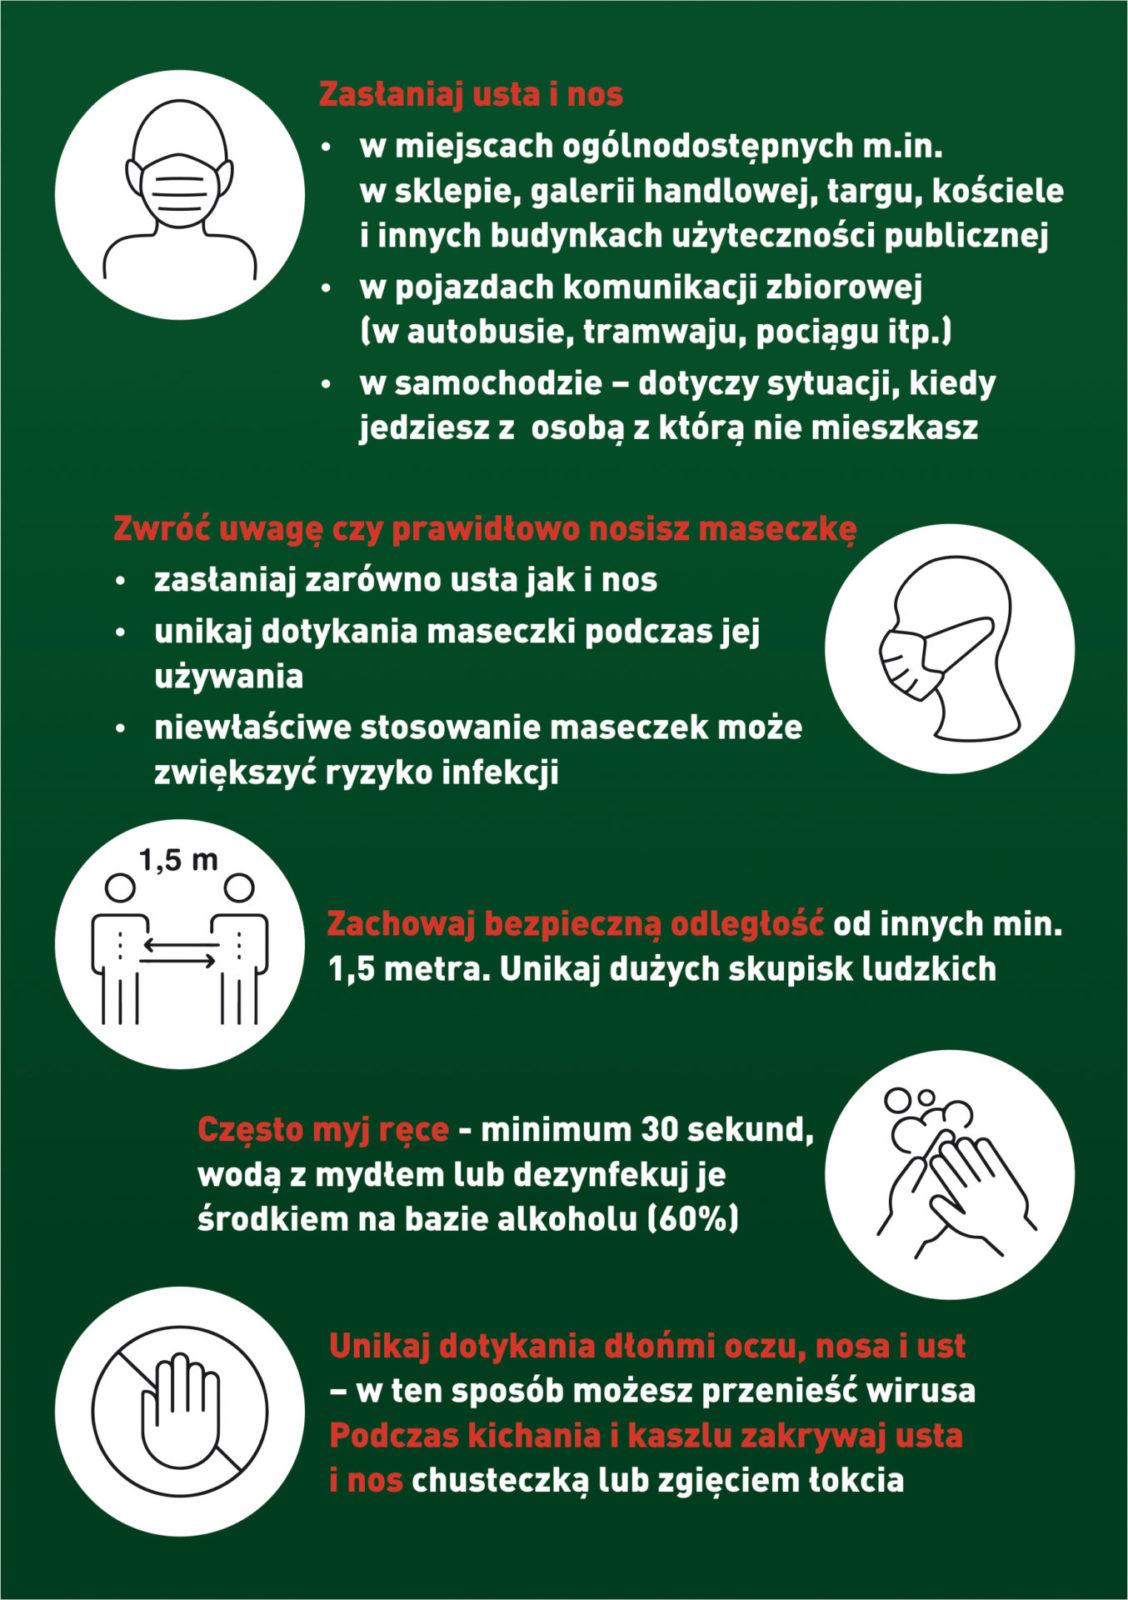 Zasad higieny cz.2